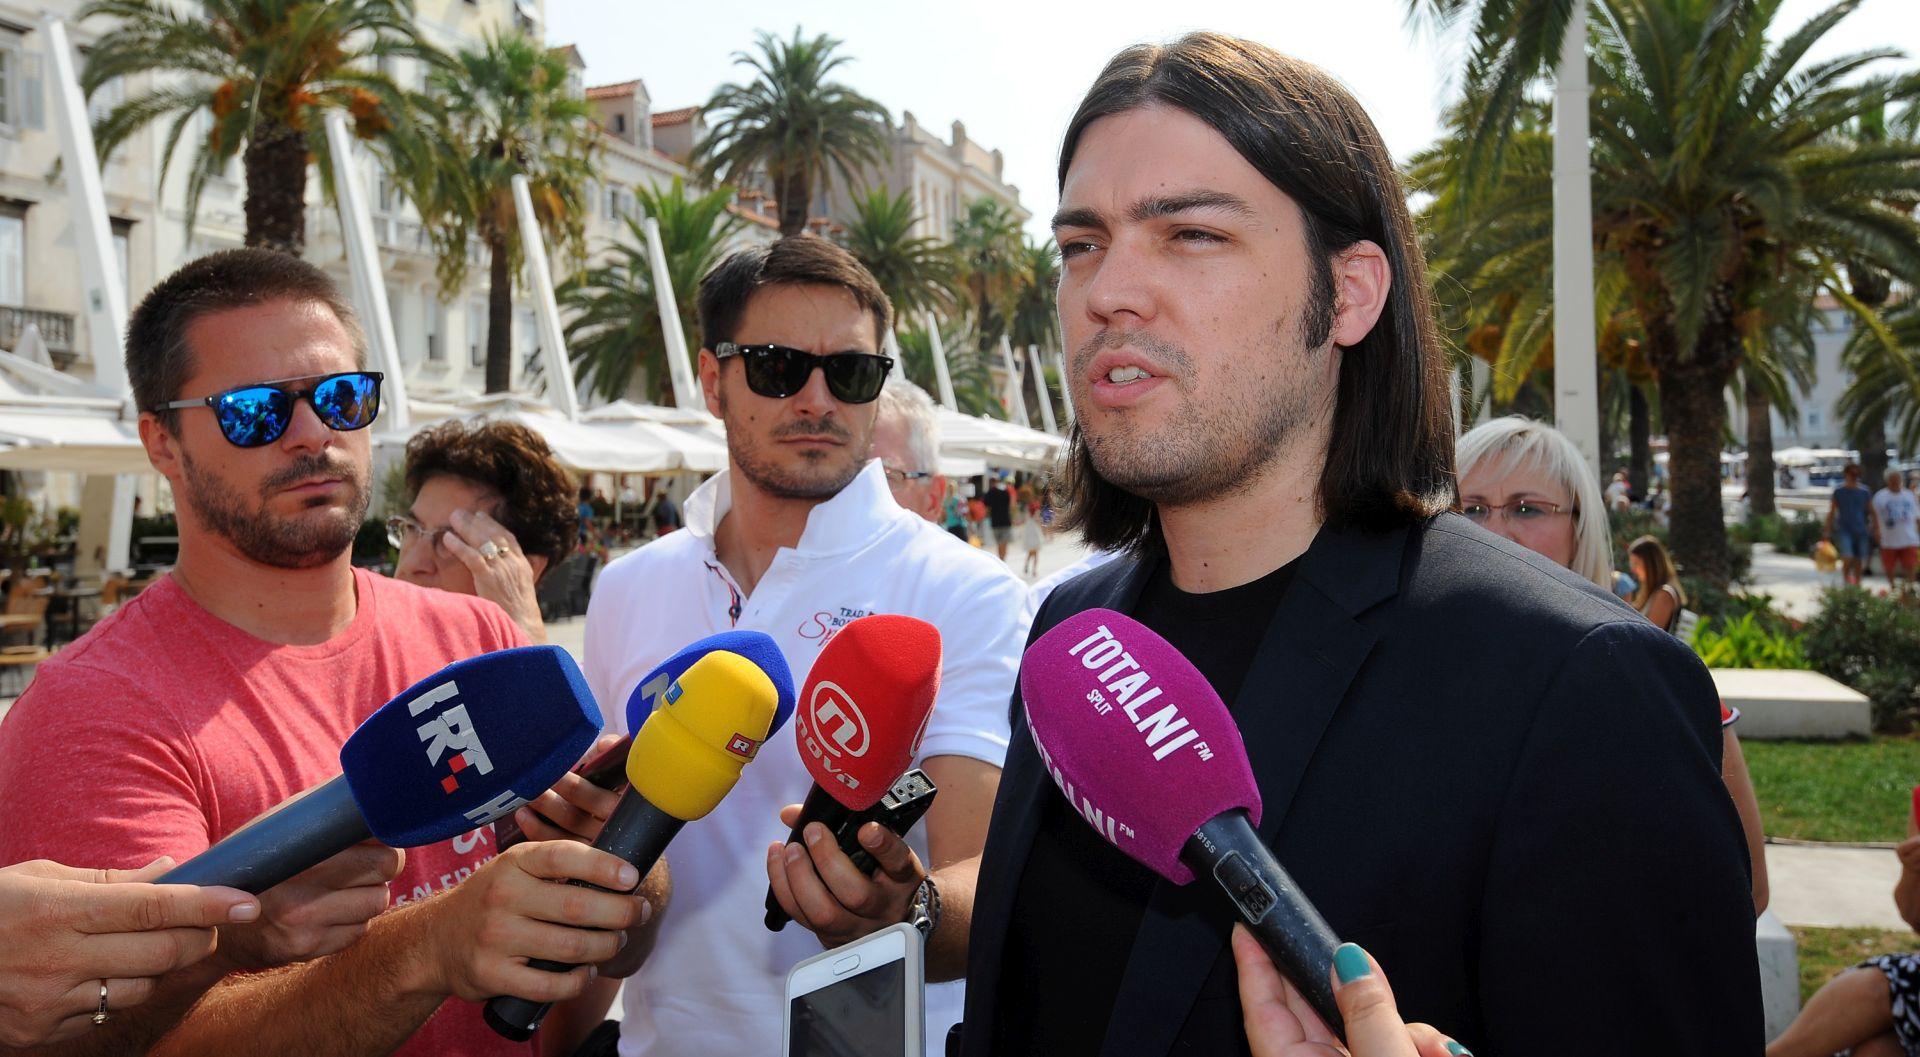 Tri dana prije izbora Sinčić osnovao novu stranku